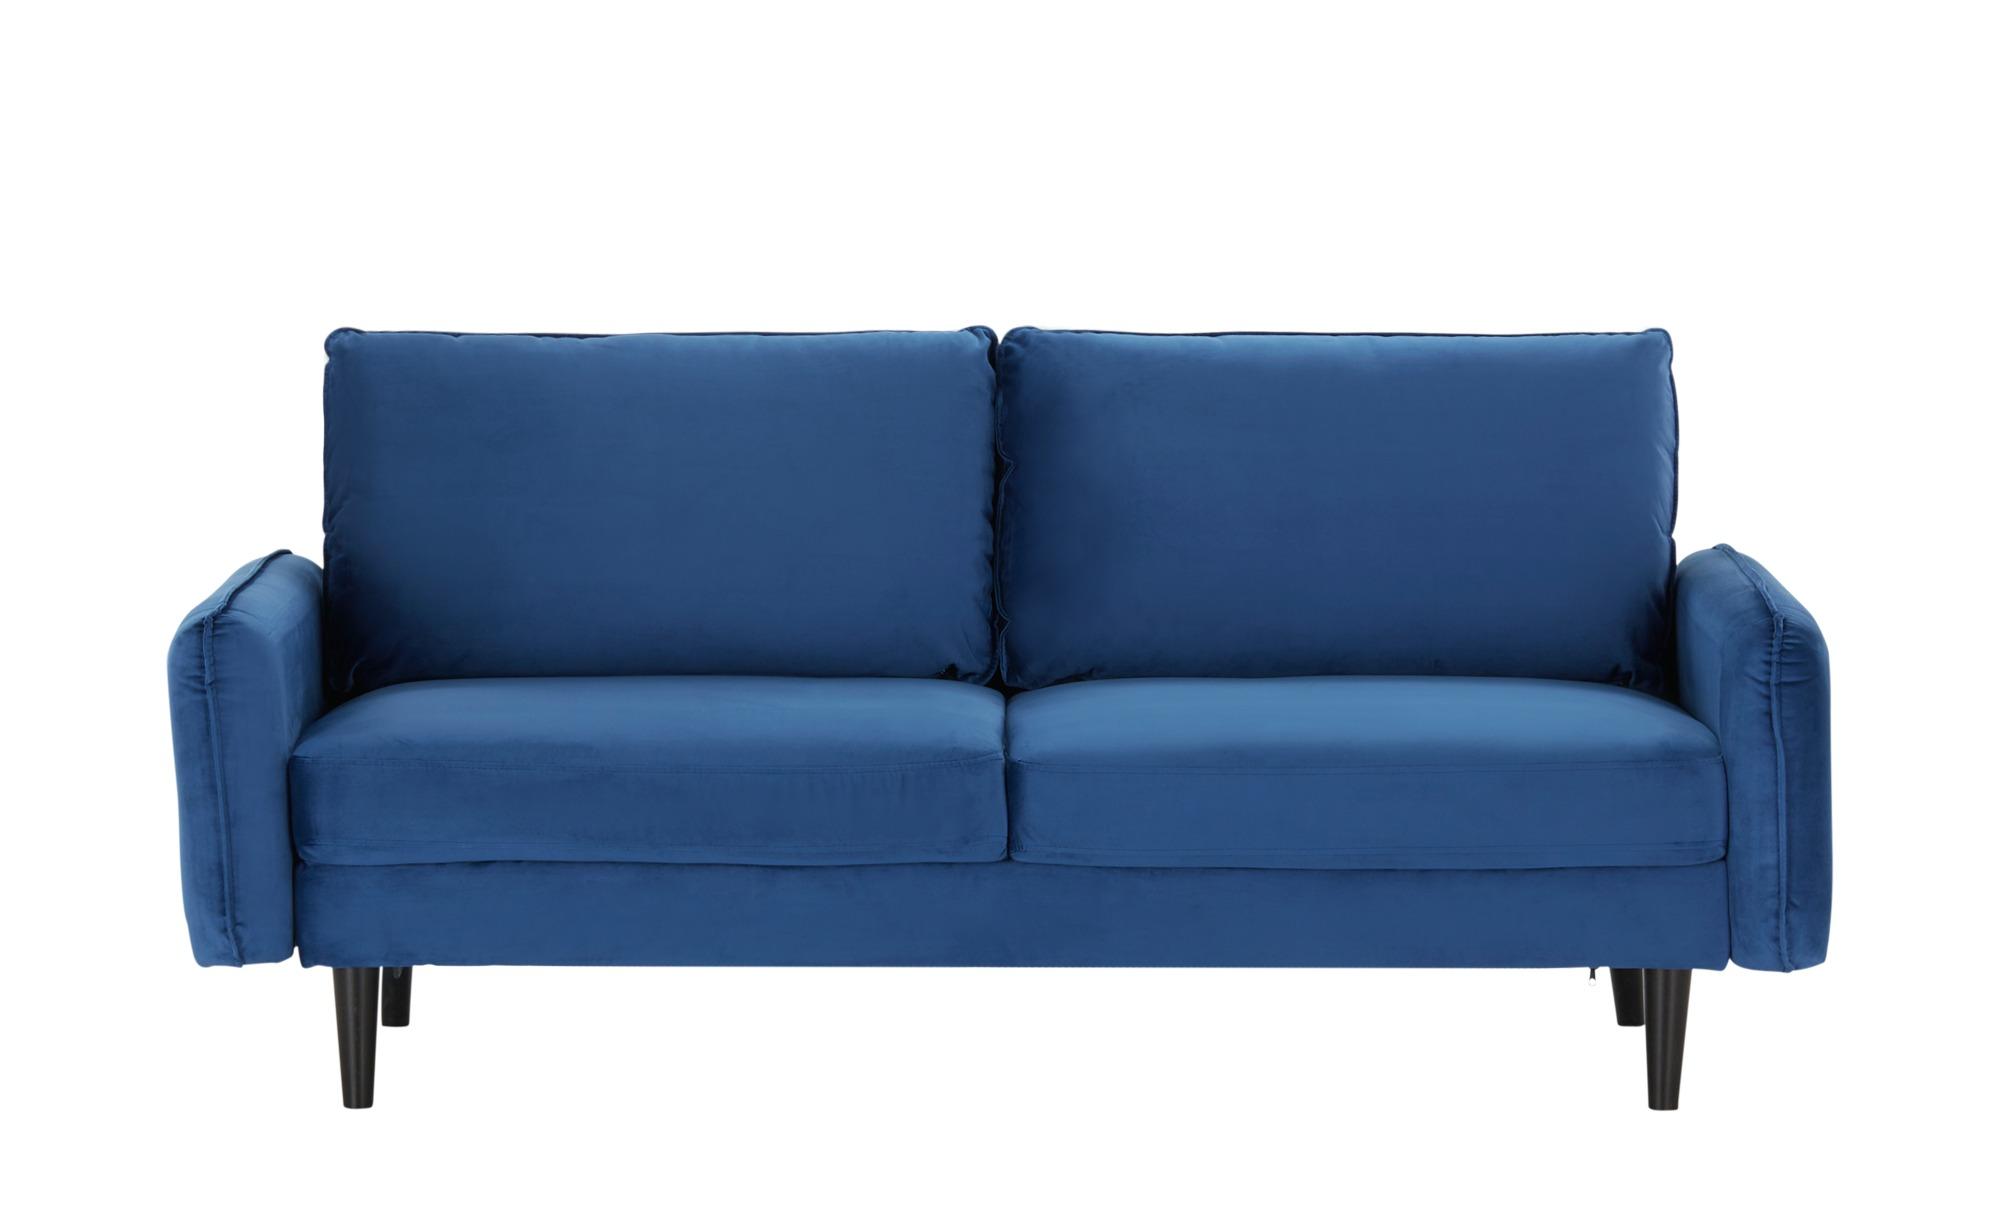 Sofa, 3-sitzig  Queenie ¦ blau ¦ Maße (cm): B: 186 H: 74,2 T: 81,5 Polstermöbel > Sofas > 3-Sitzer - Höffner